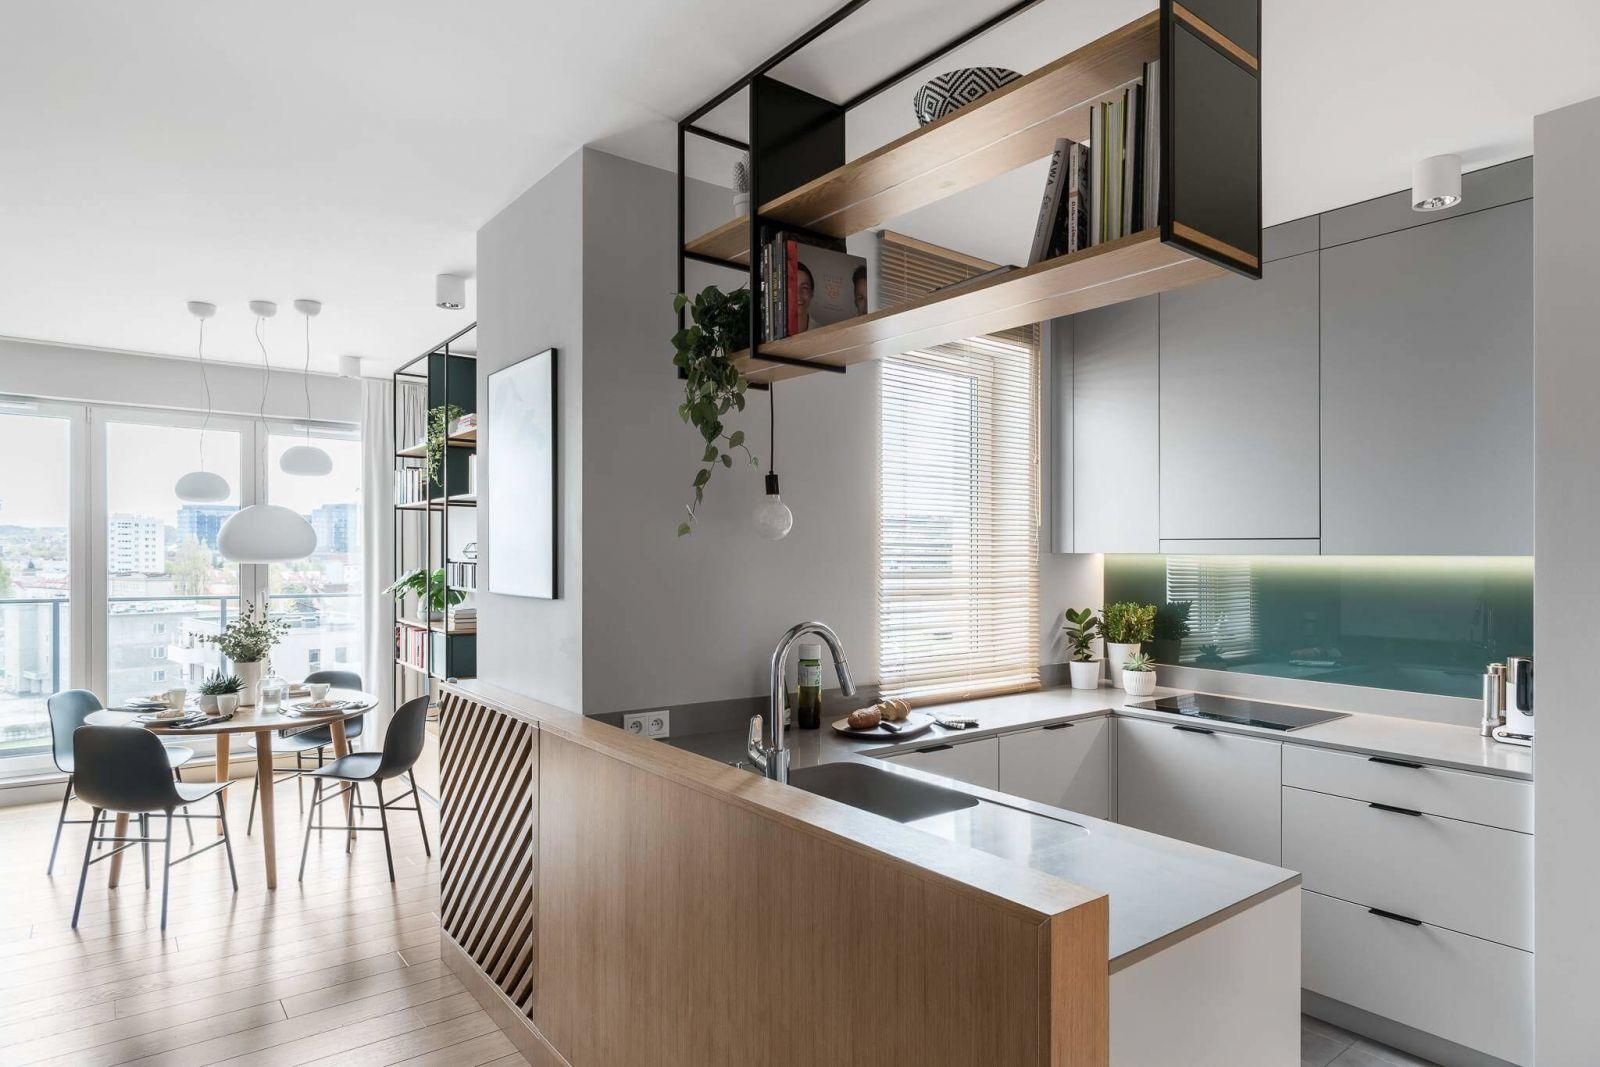 Кухня имеет форму буквы П, благодаря чему здесь нашлось место для всего необходимого оборудования, а также удалось разместить множество ниш для хранения.